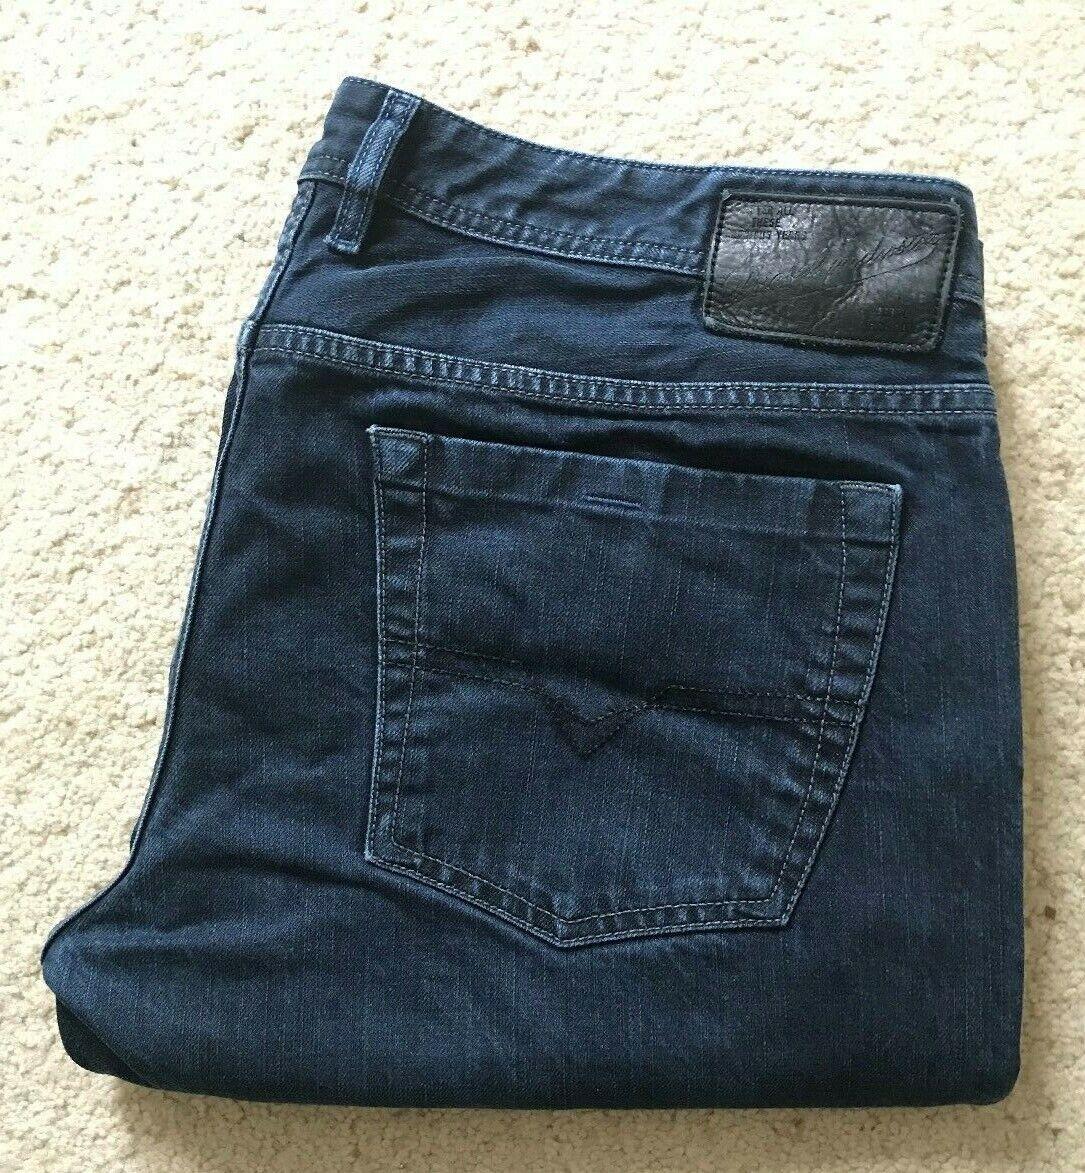 Mens Diesel Zatiny wash 0088Z regular Stiefelcut indigo Blau denim jeans W 38 L 33  | Spielen Sie Leidenschaft, spielen Sie die Ernte, spielen Sie die Welt  | Ausgezeichnete Leistung  | Sehr gelobt und vom Publikum der Verbraucher geschätzt